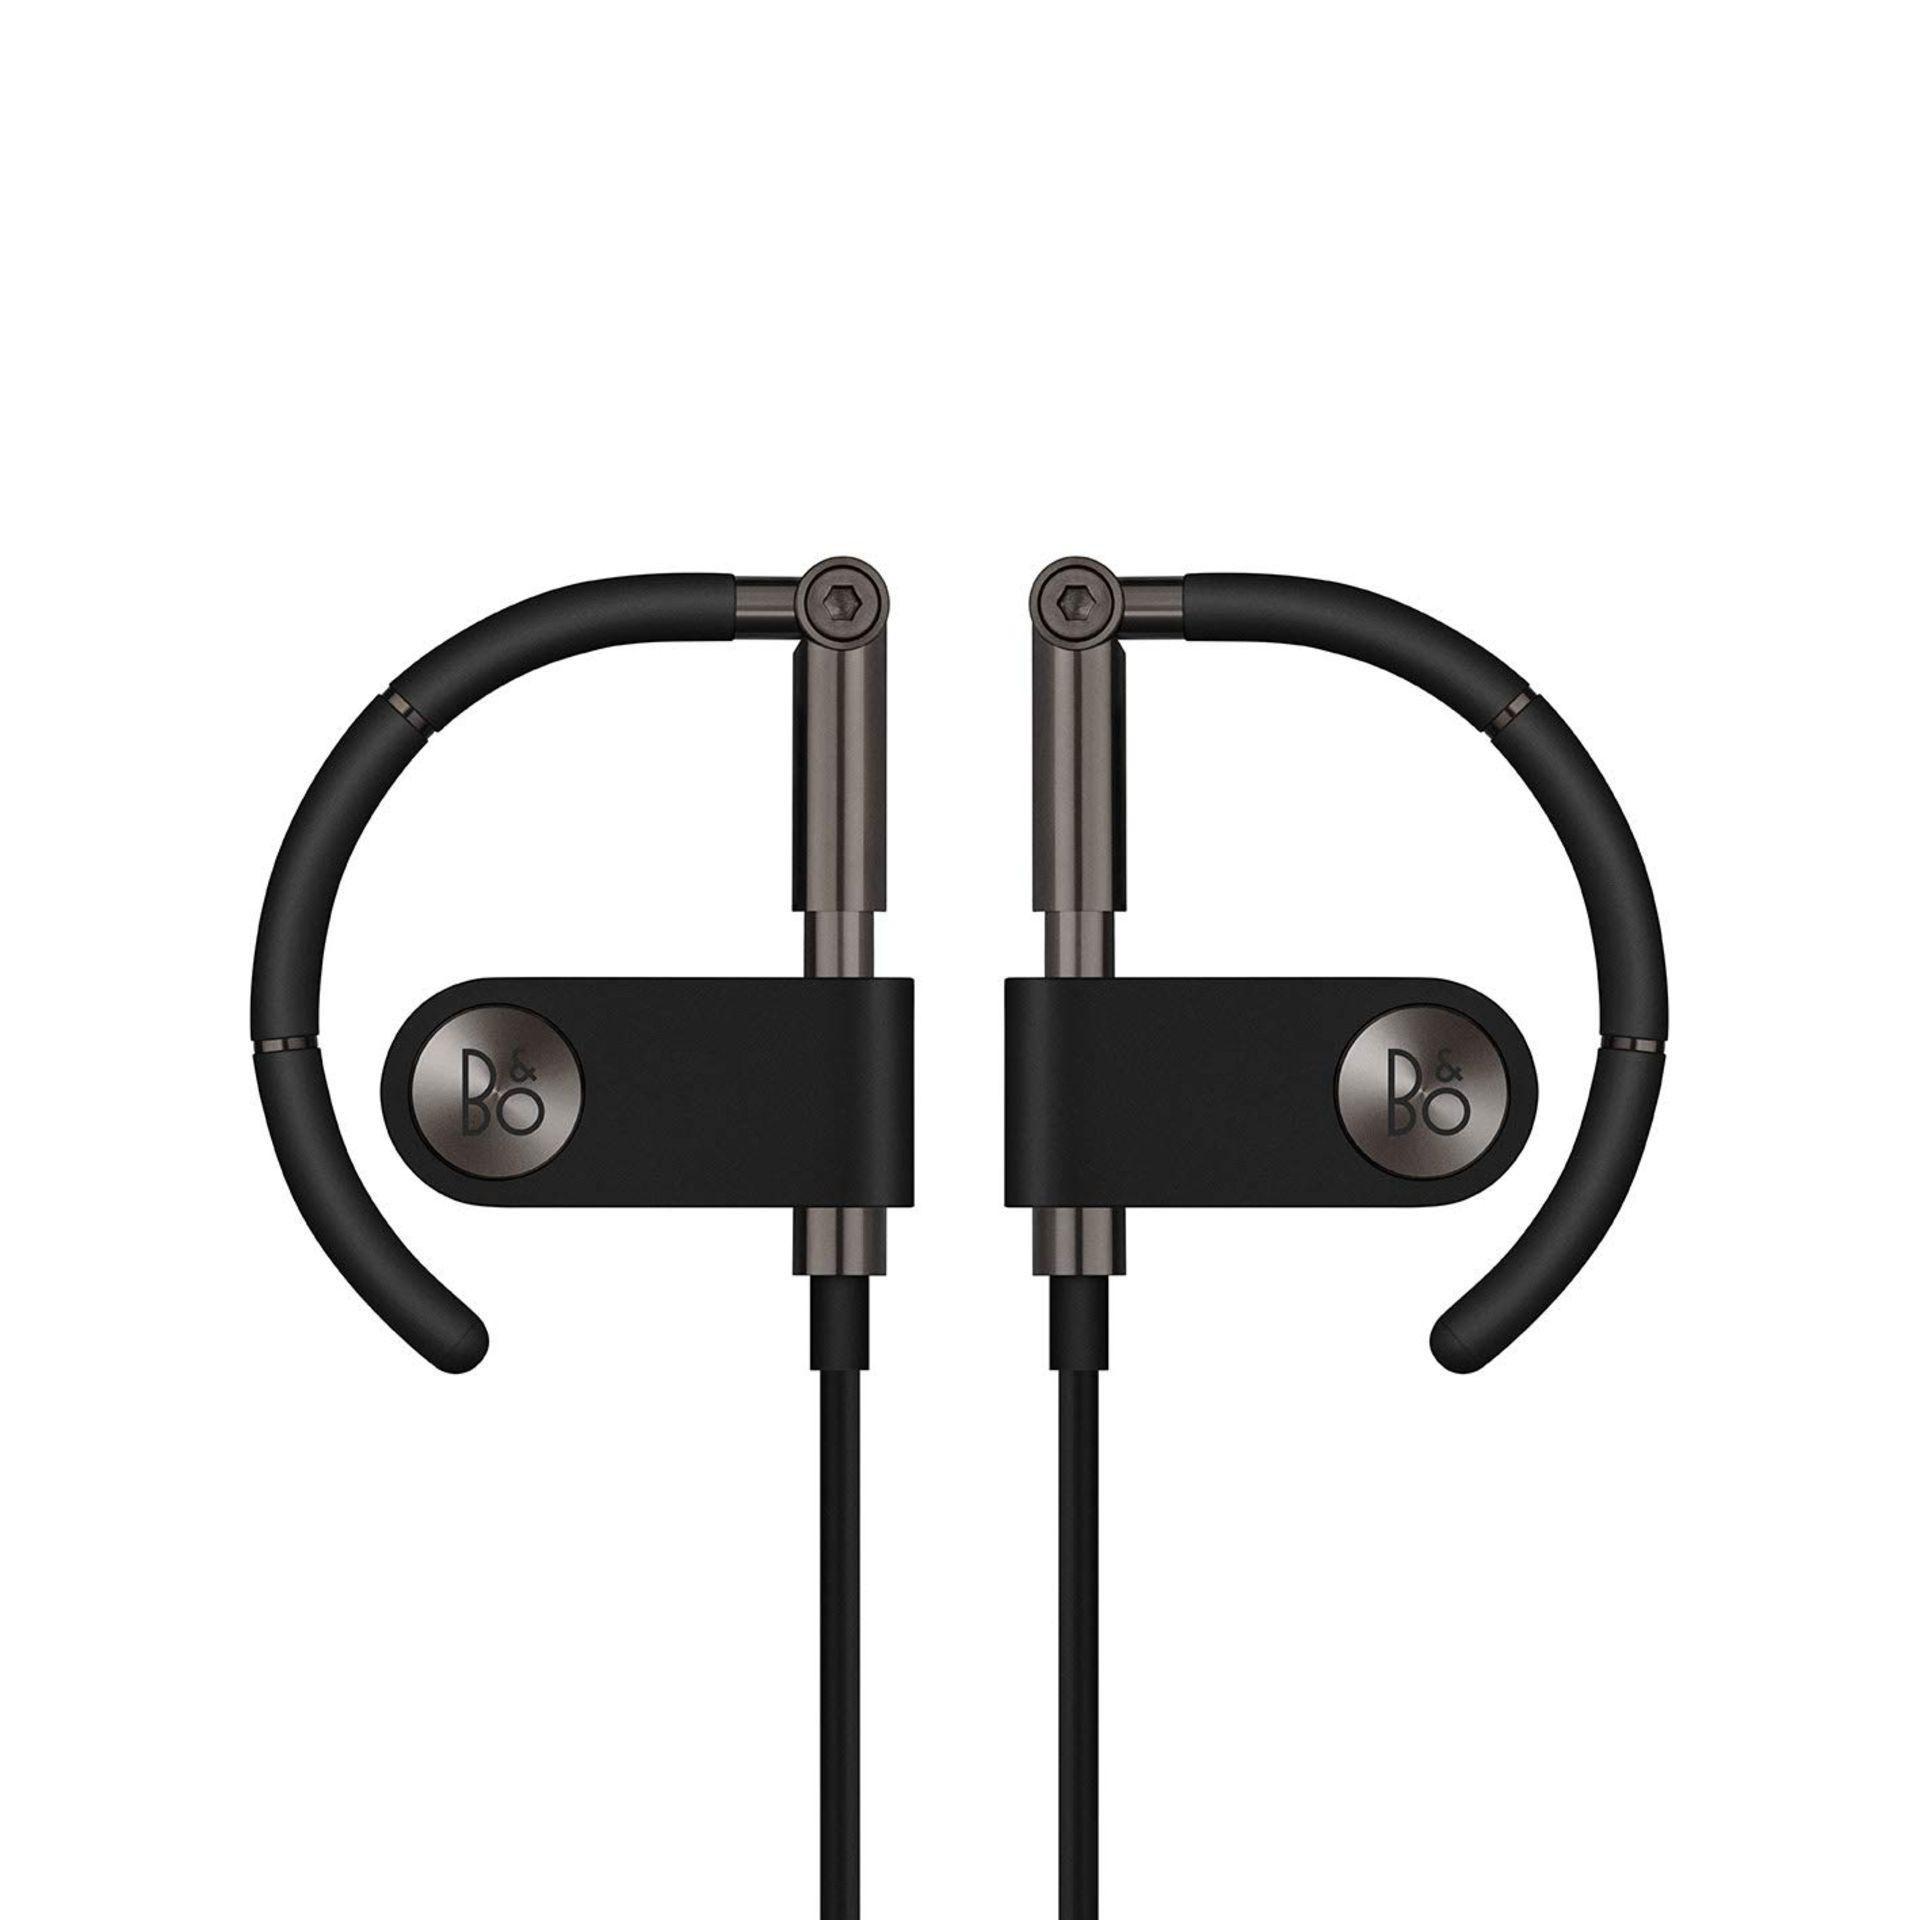 Lot 15779 - V Brand New Bang & Olufsen Premium Wireless Earset Earphones - Graphite Brown RRP £275.00 - Brand